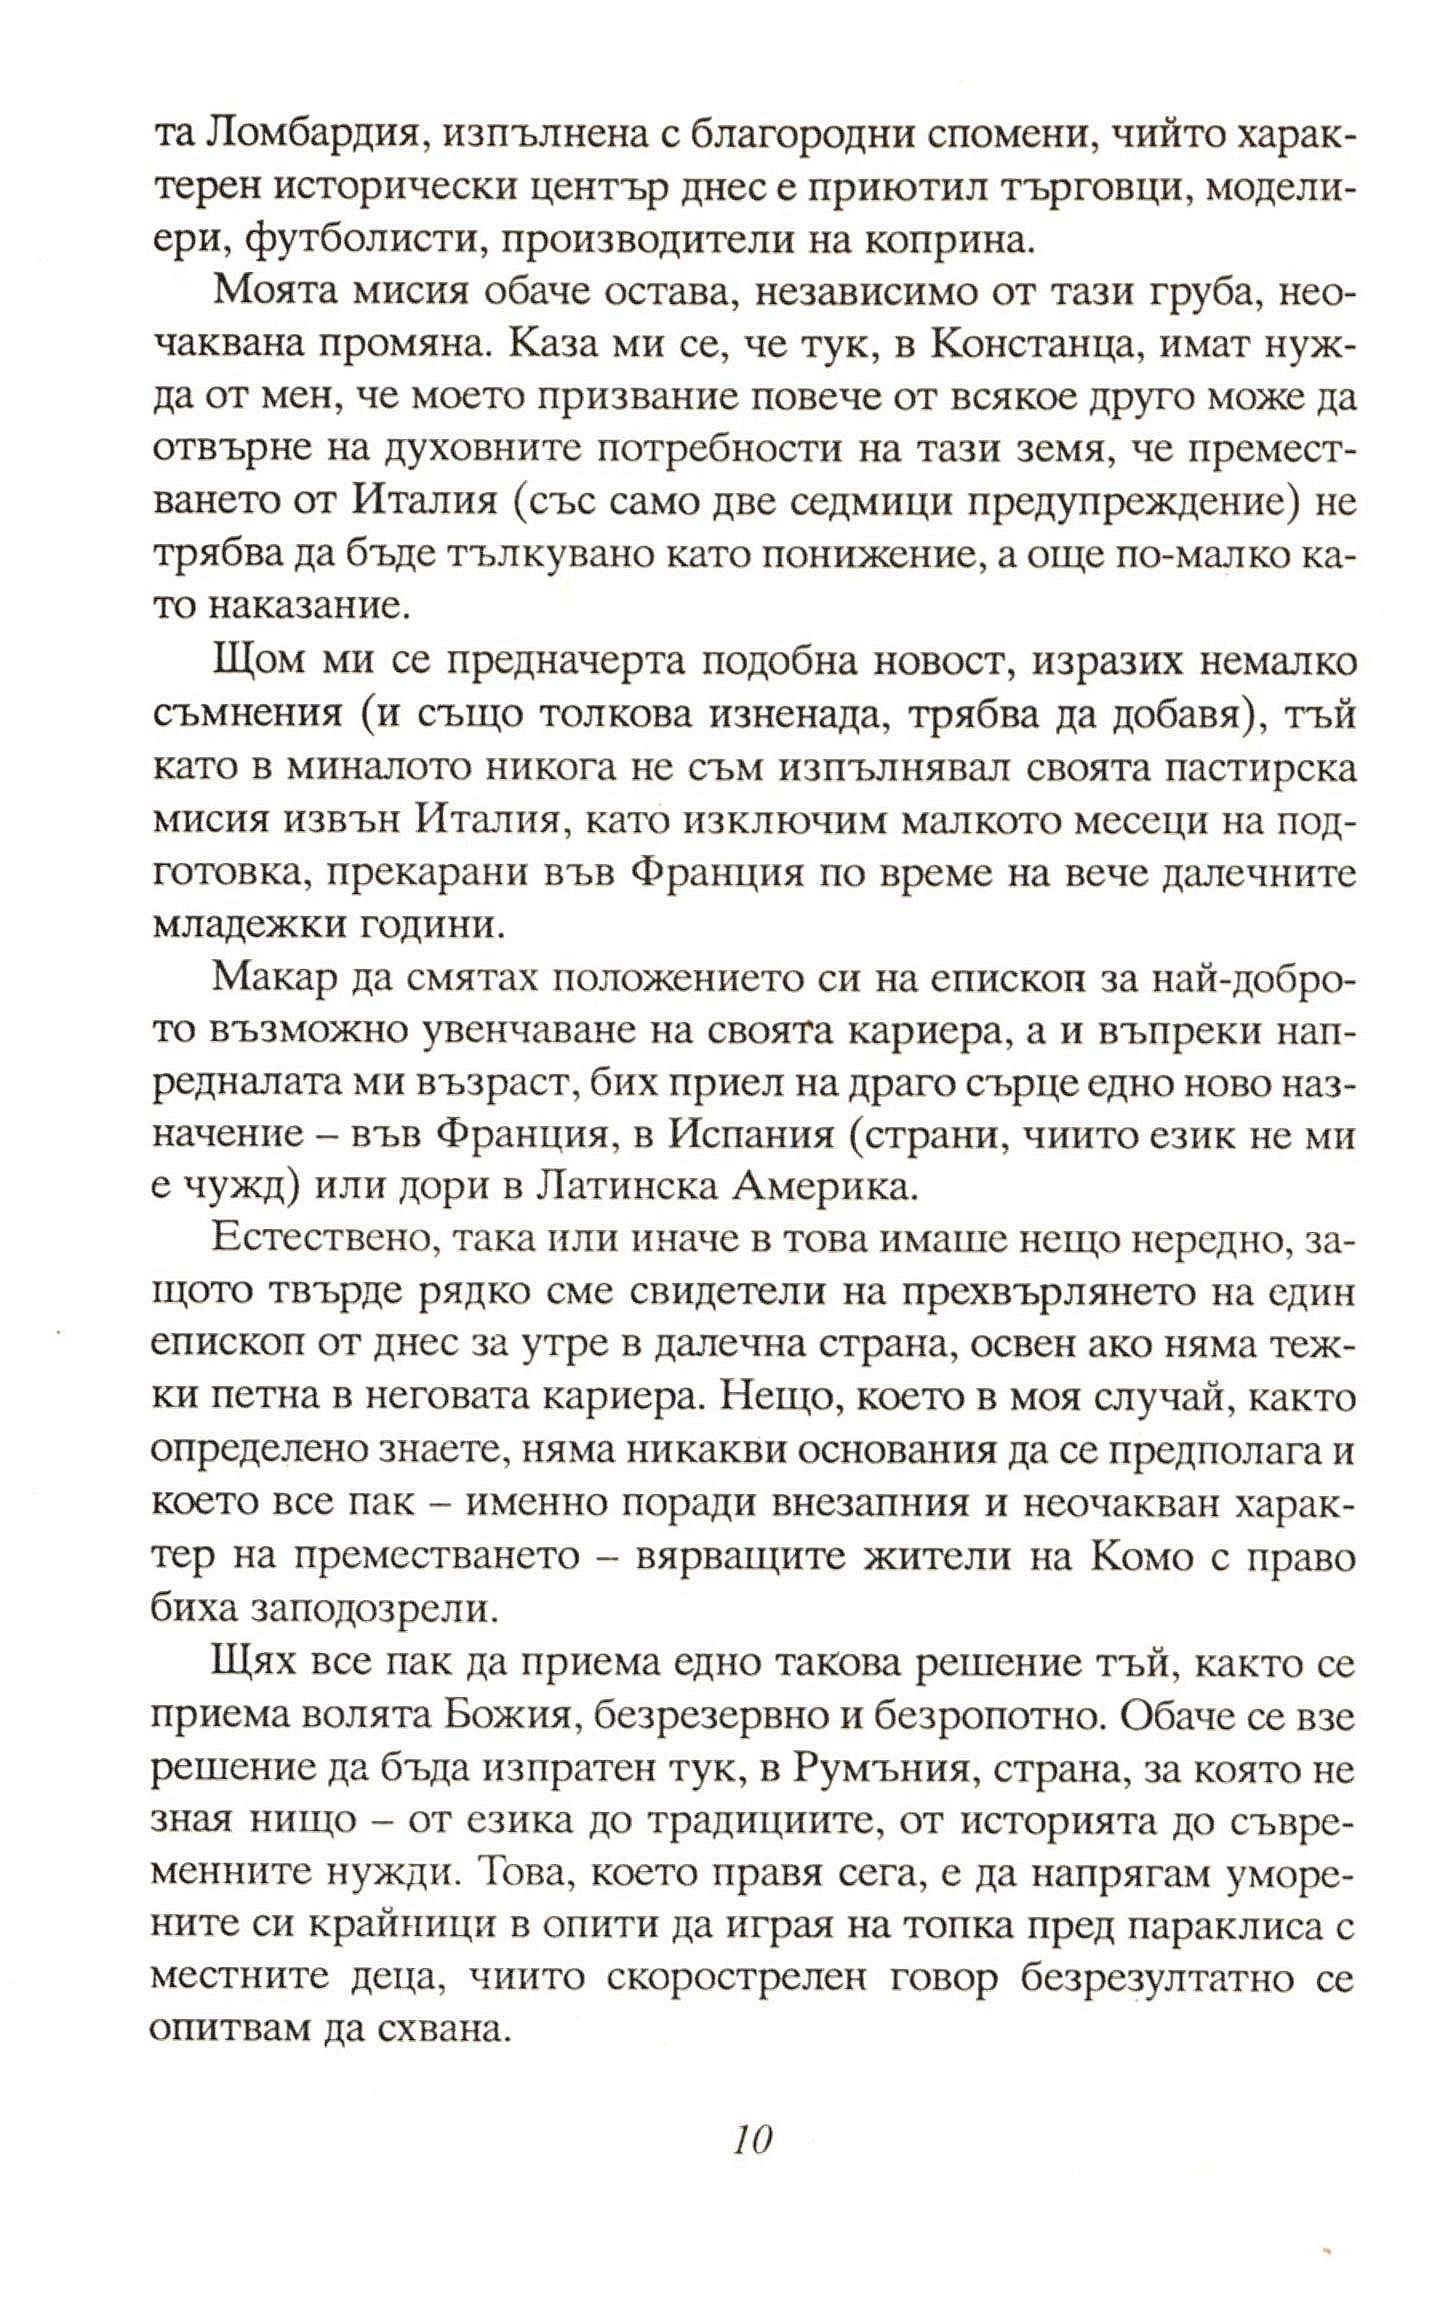 Тайната-8 - 9